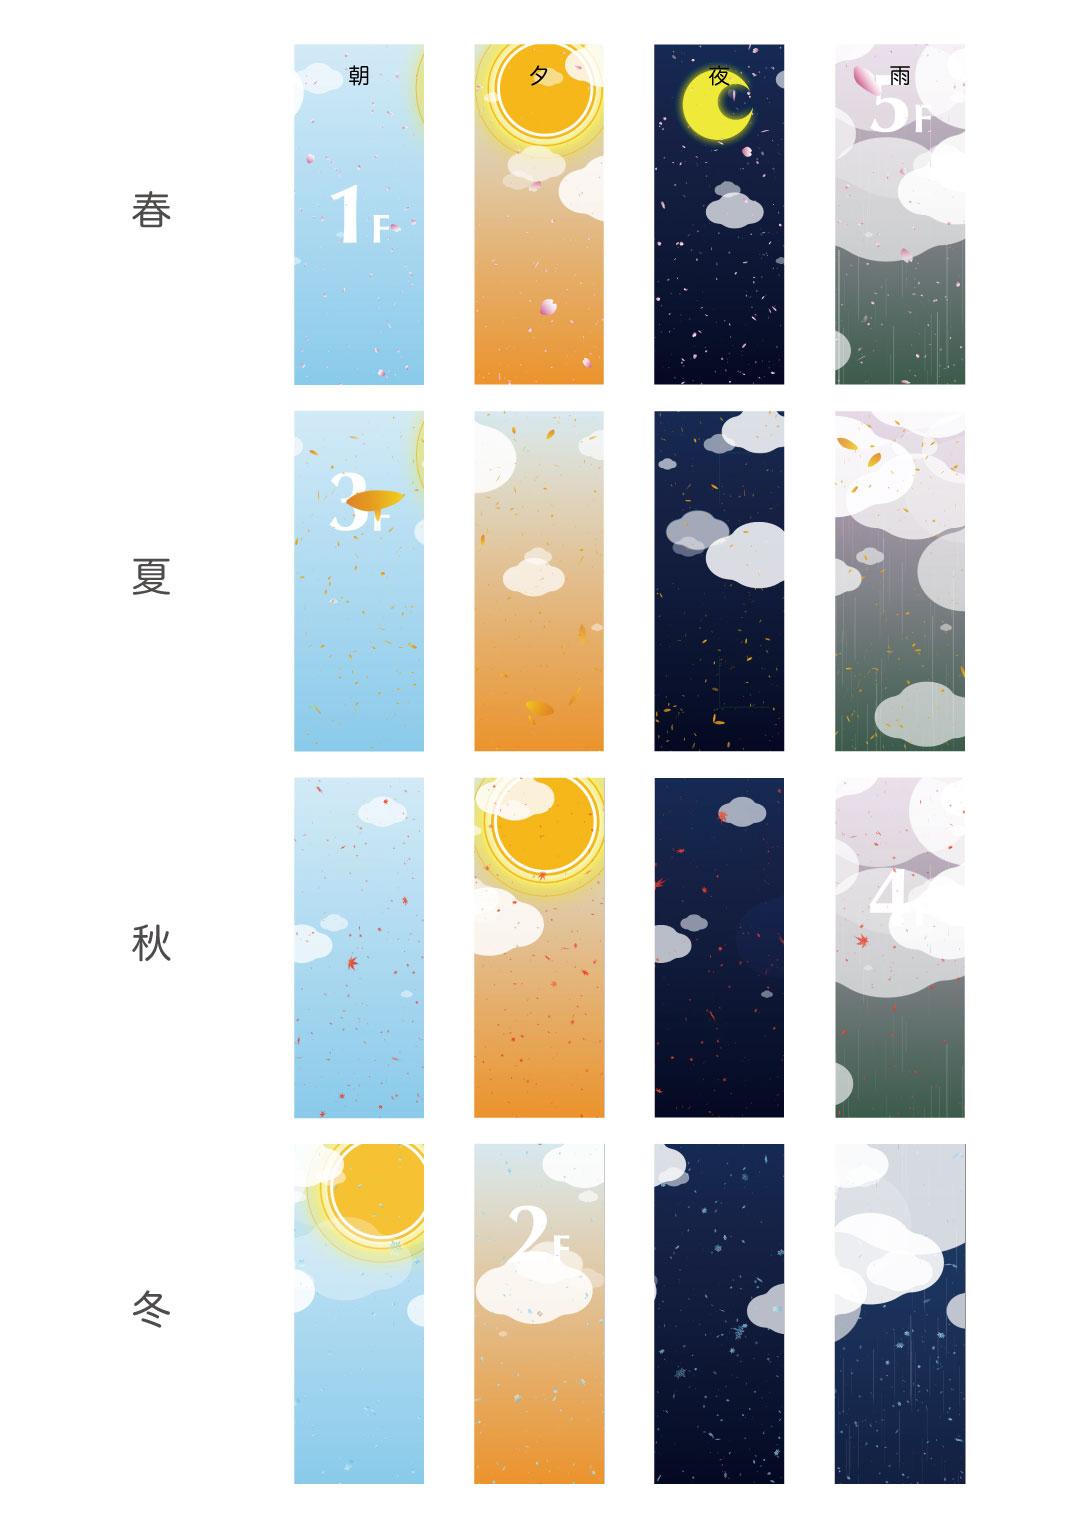 パターン.jpg